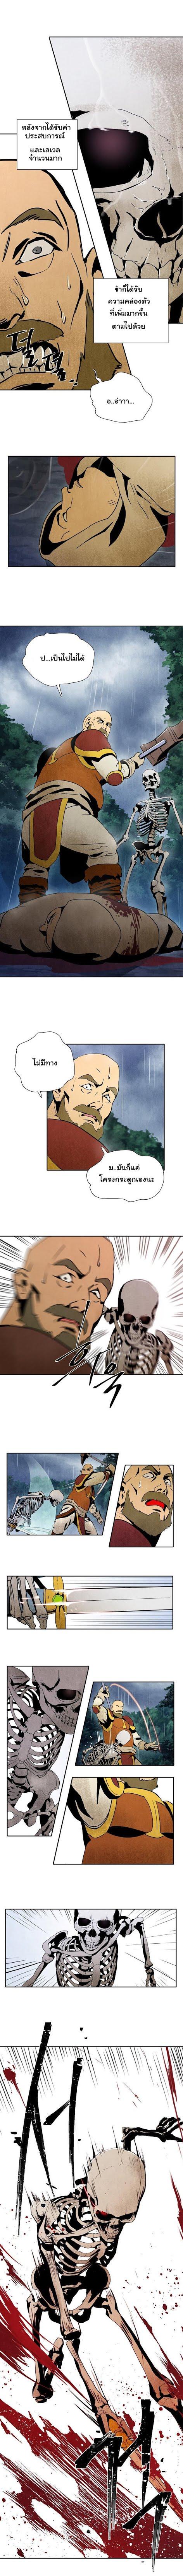 Skeleton Soldier - หน้า 7